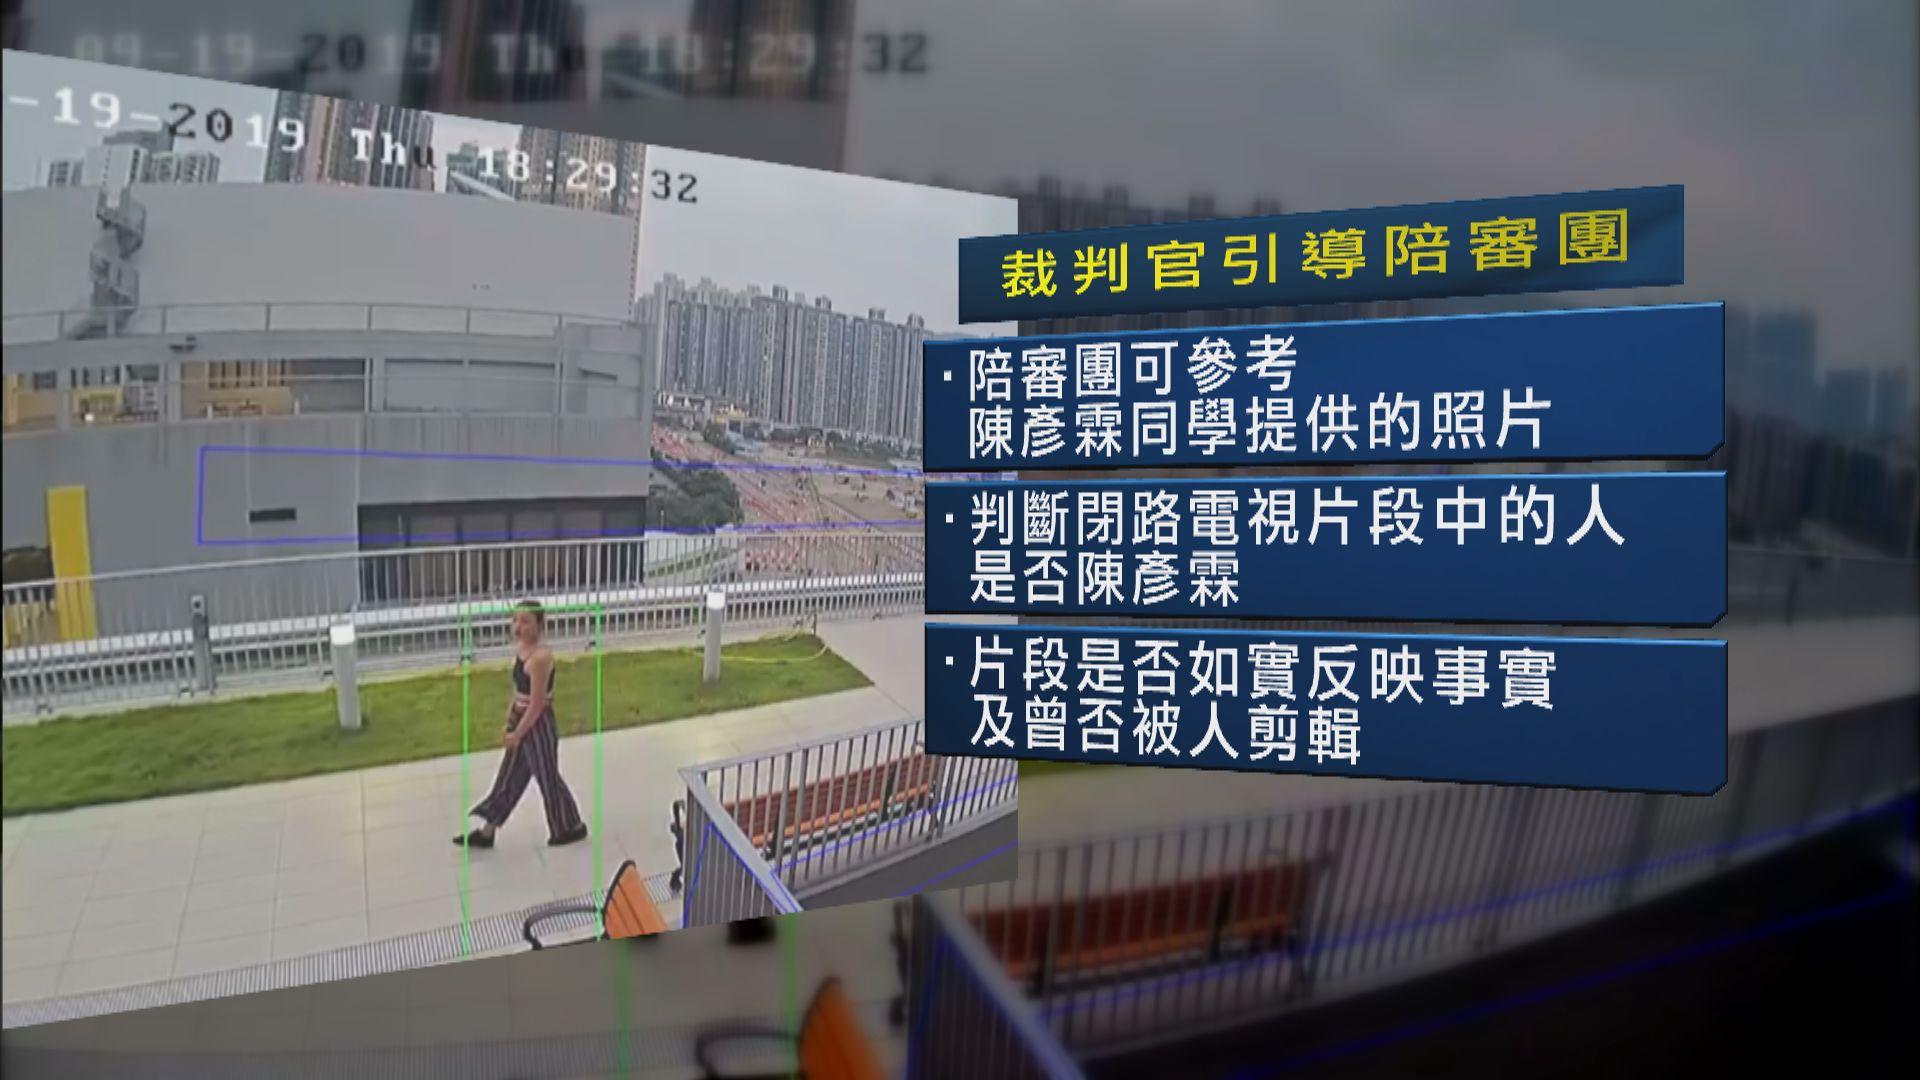 陳彥霖死因研訊 陪審團不能作非法被殺及自殺裁決